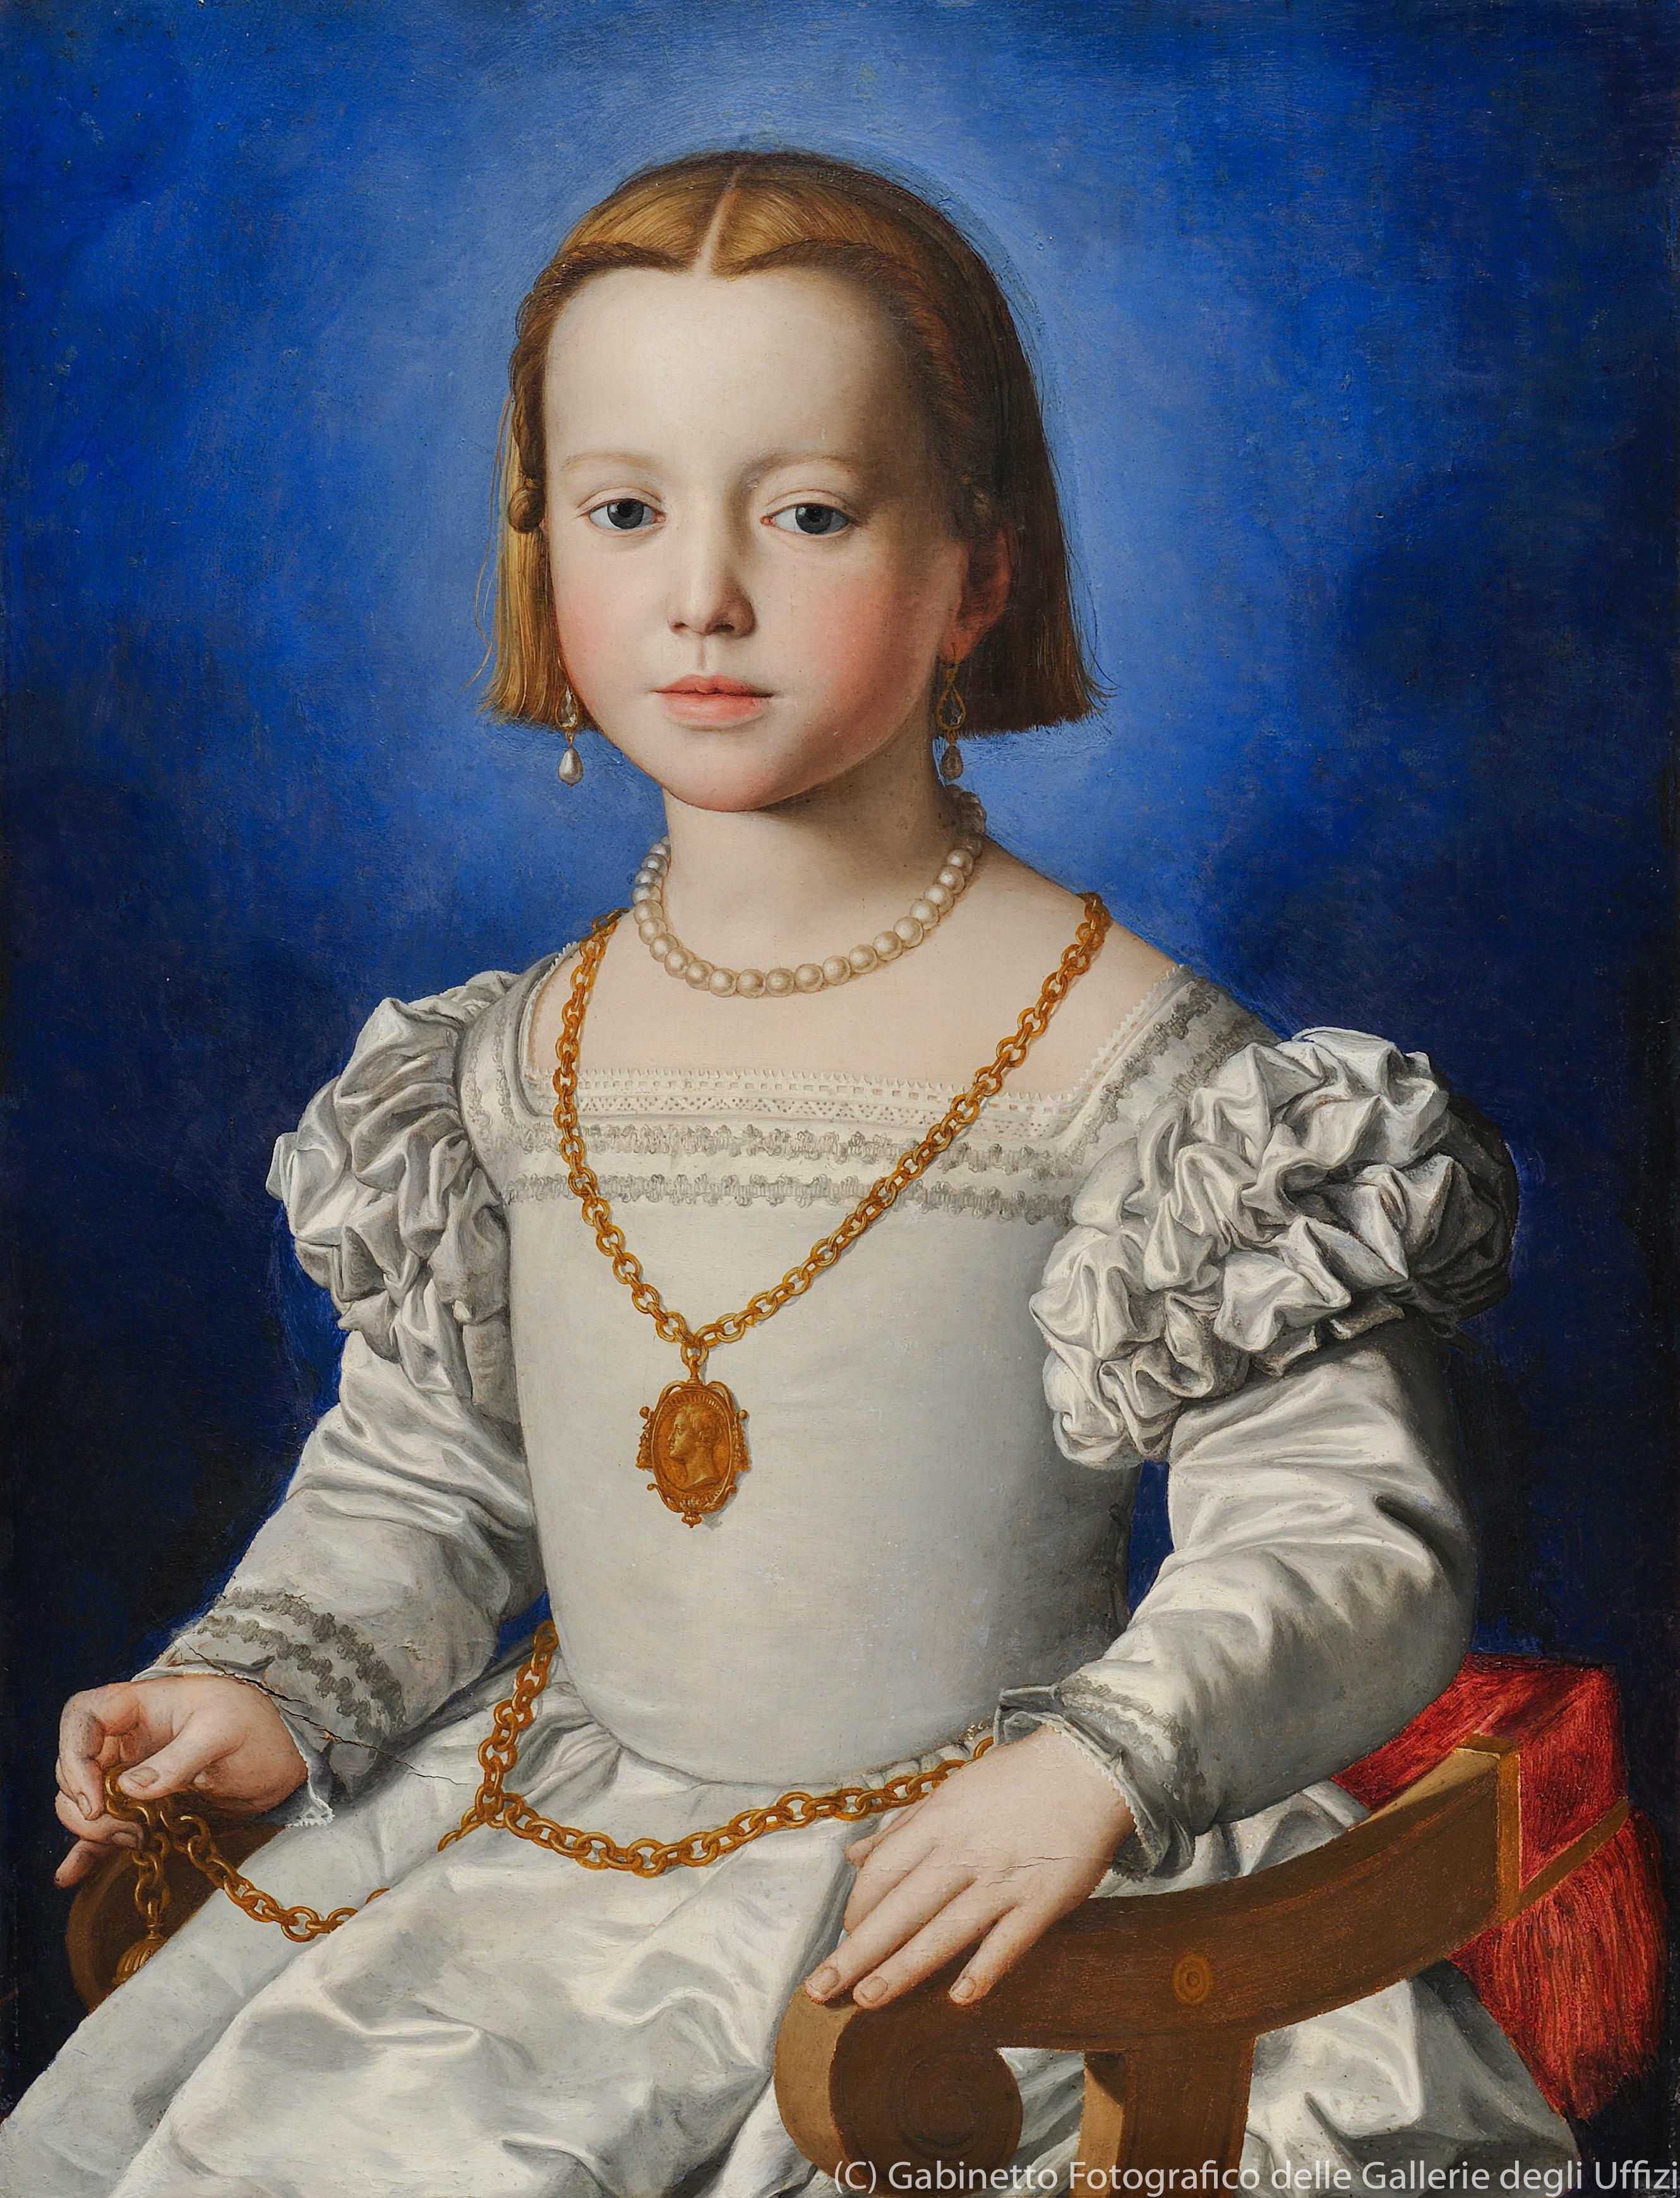 アレッサンドロ・アッローリ派《ビア・デ・メディチの肖像》(1542年頃、ウフィツィ美術館)